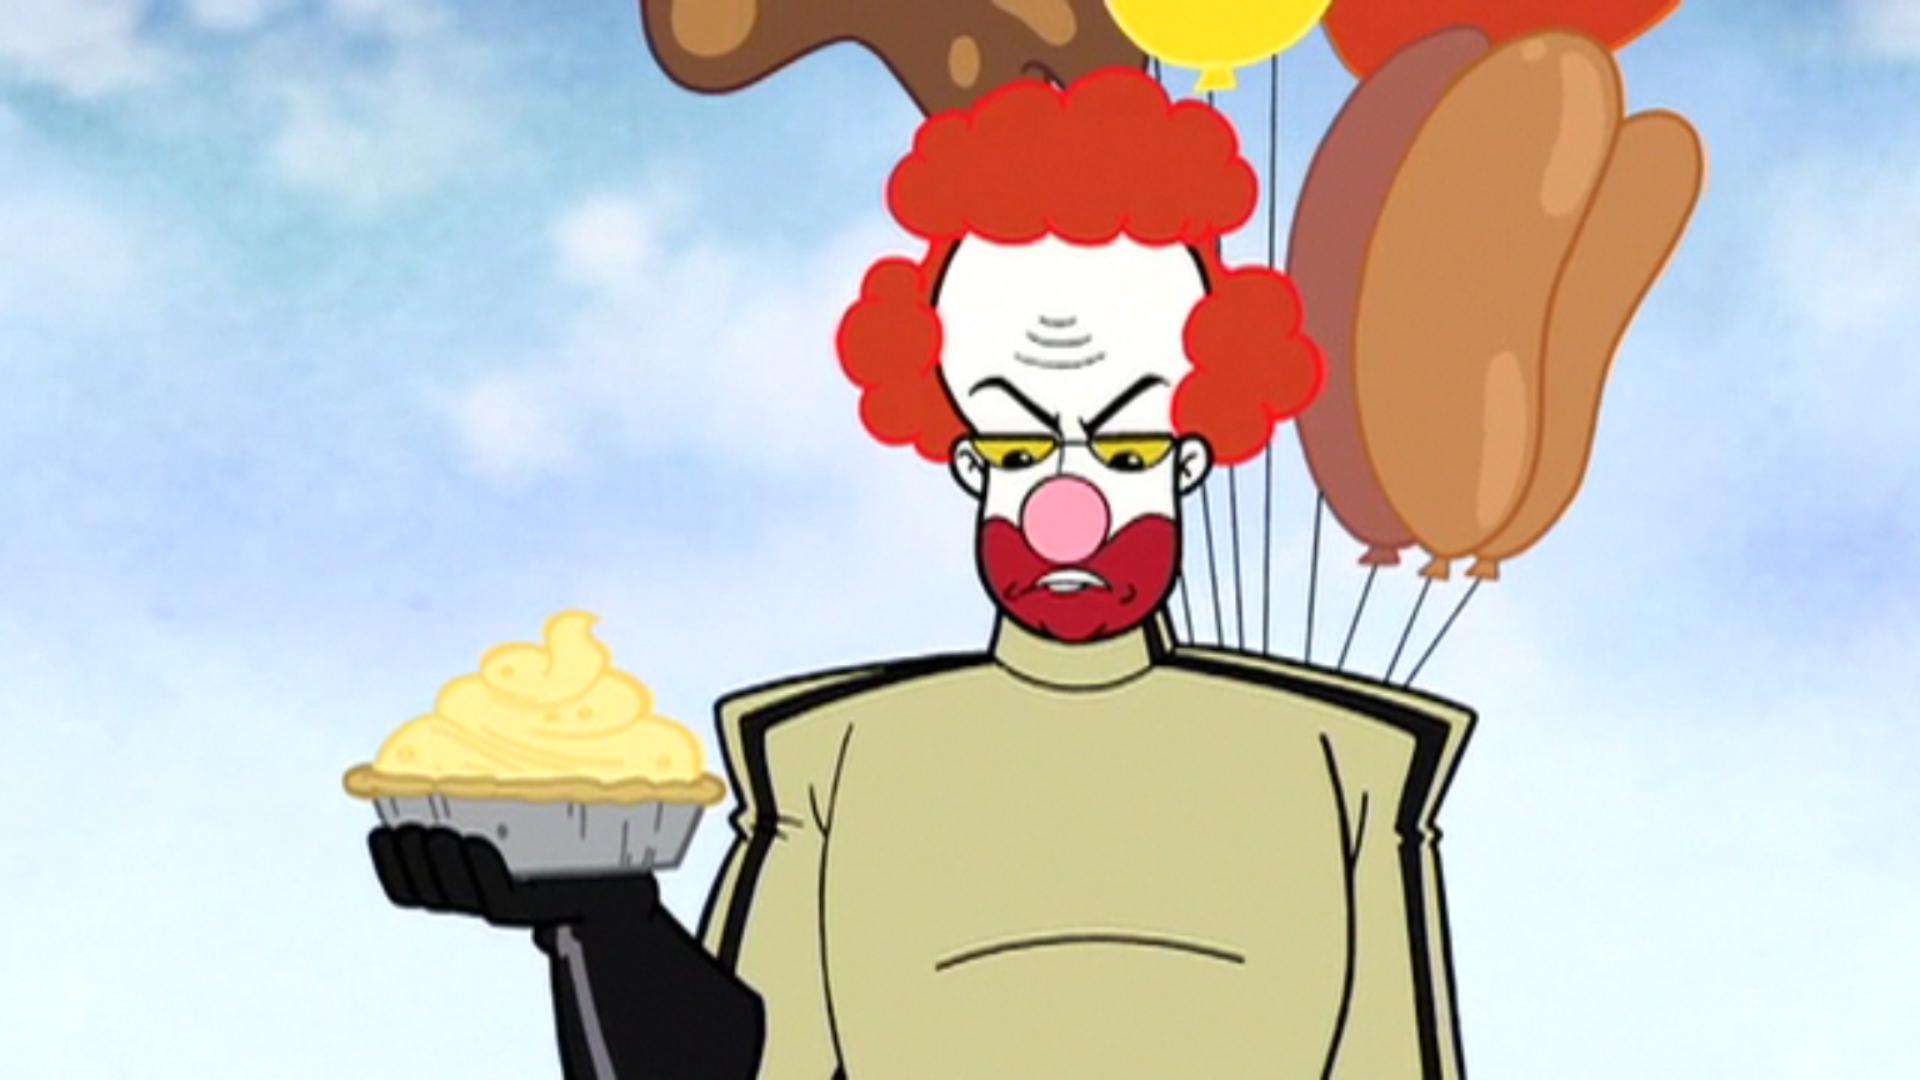 Clown Phibes Scoobypedia Fandom Powered By Wikia